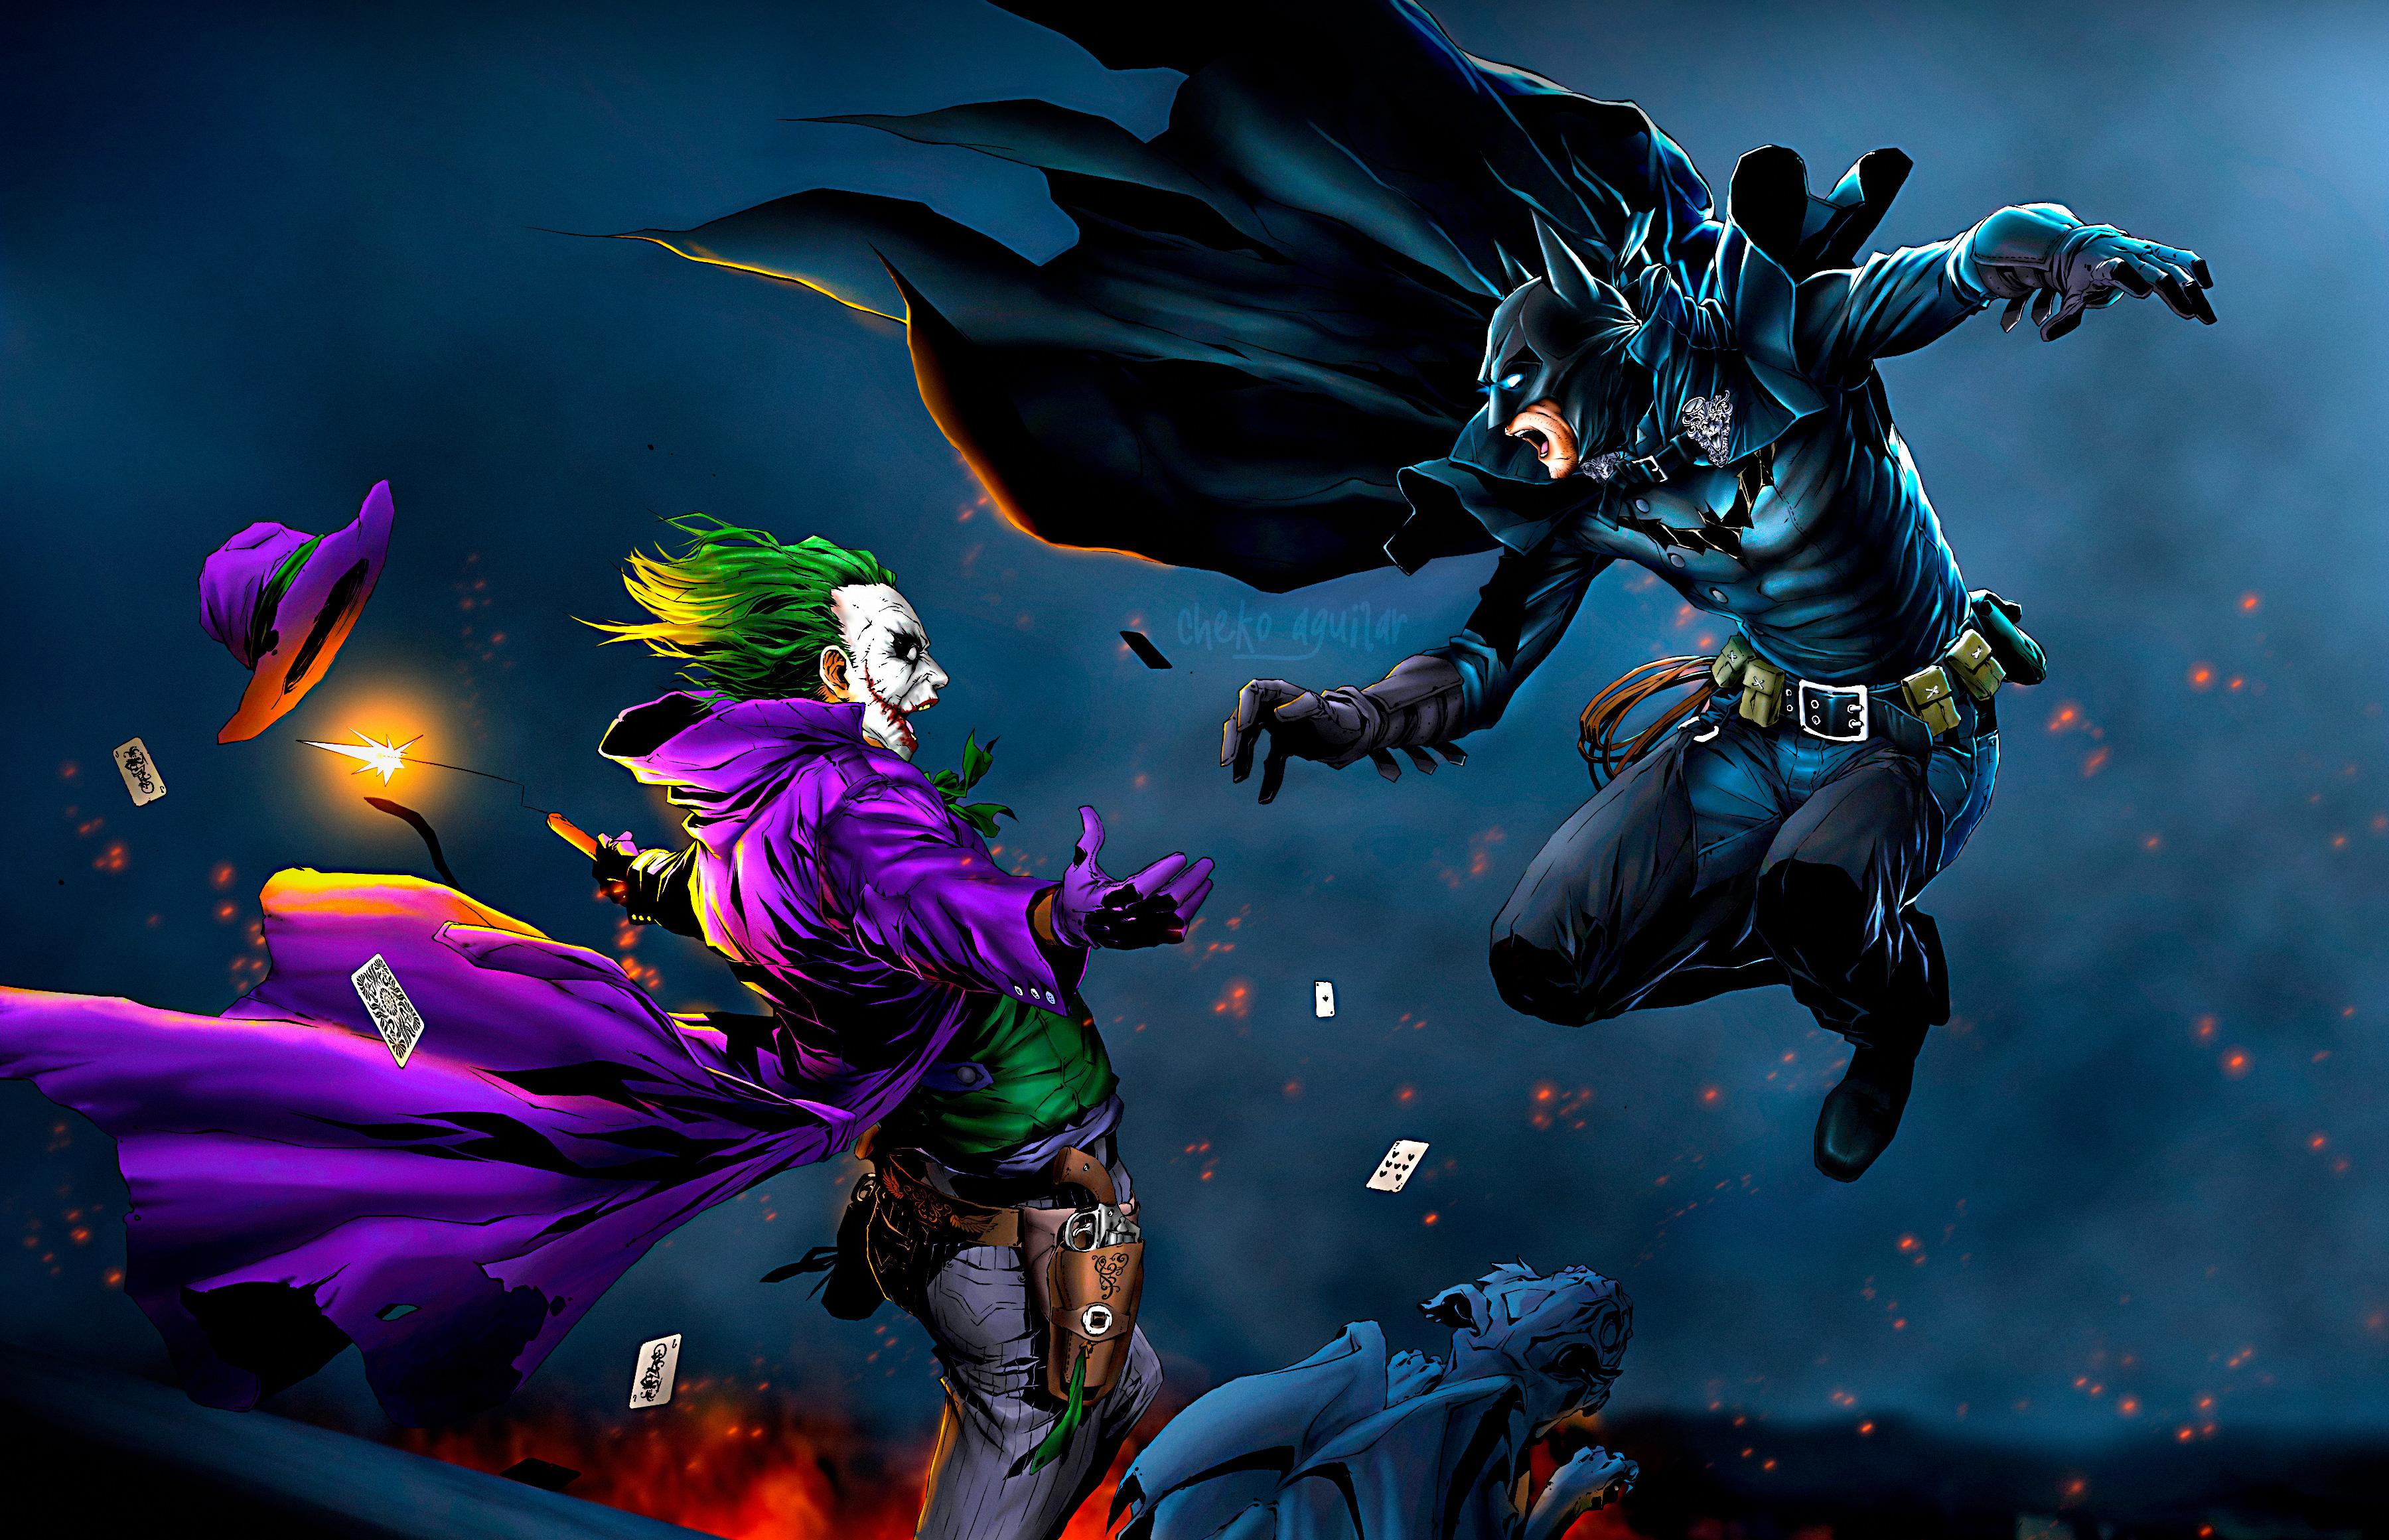 Parineeti Chopra Wallpaper 3d Batman Vs Joker Hd Superheroes 4k Wallpapers Images